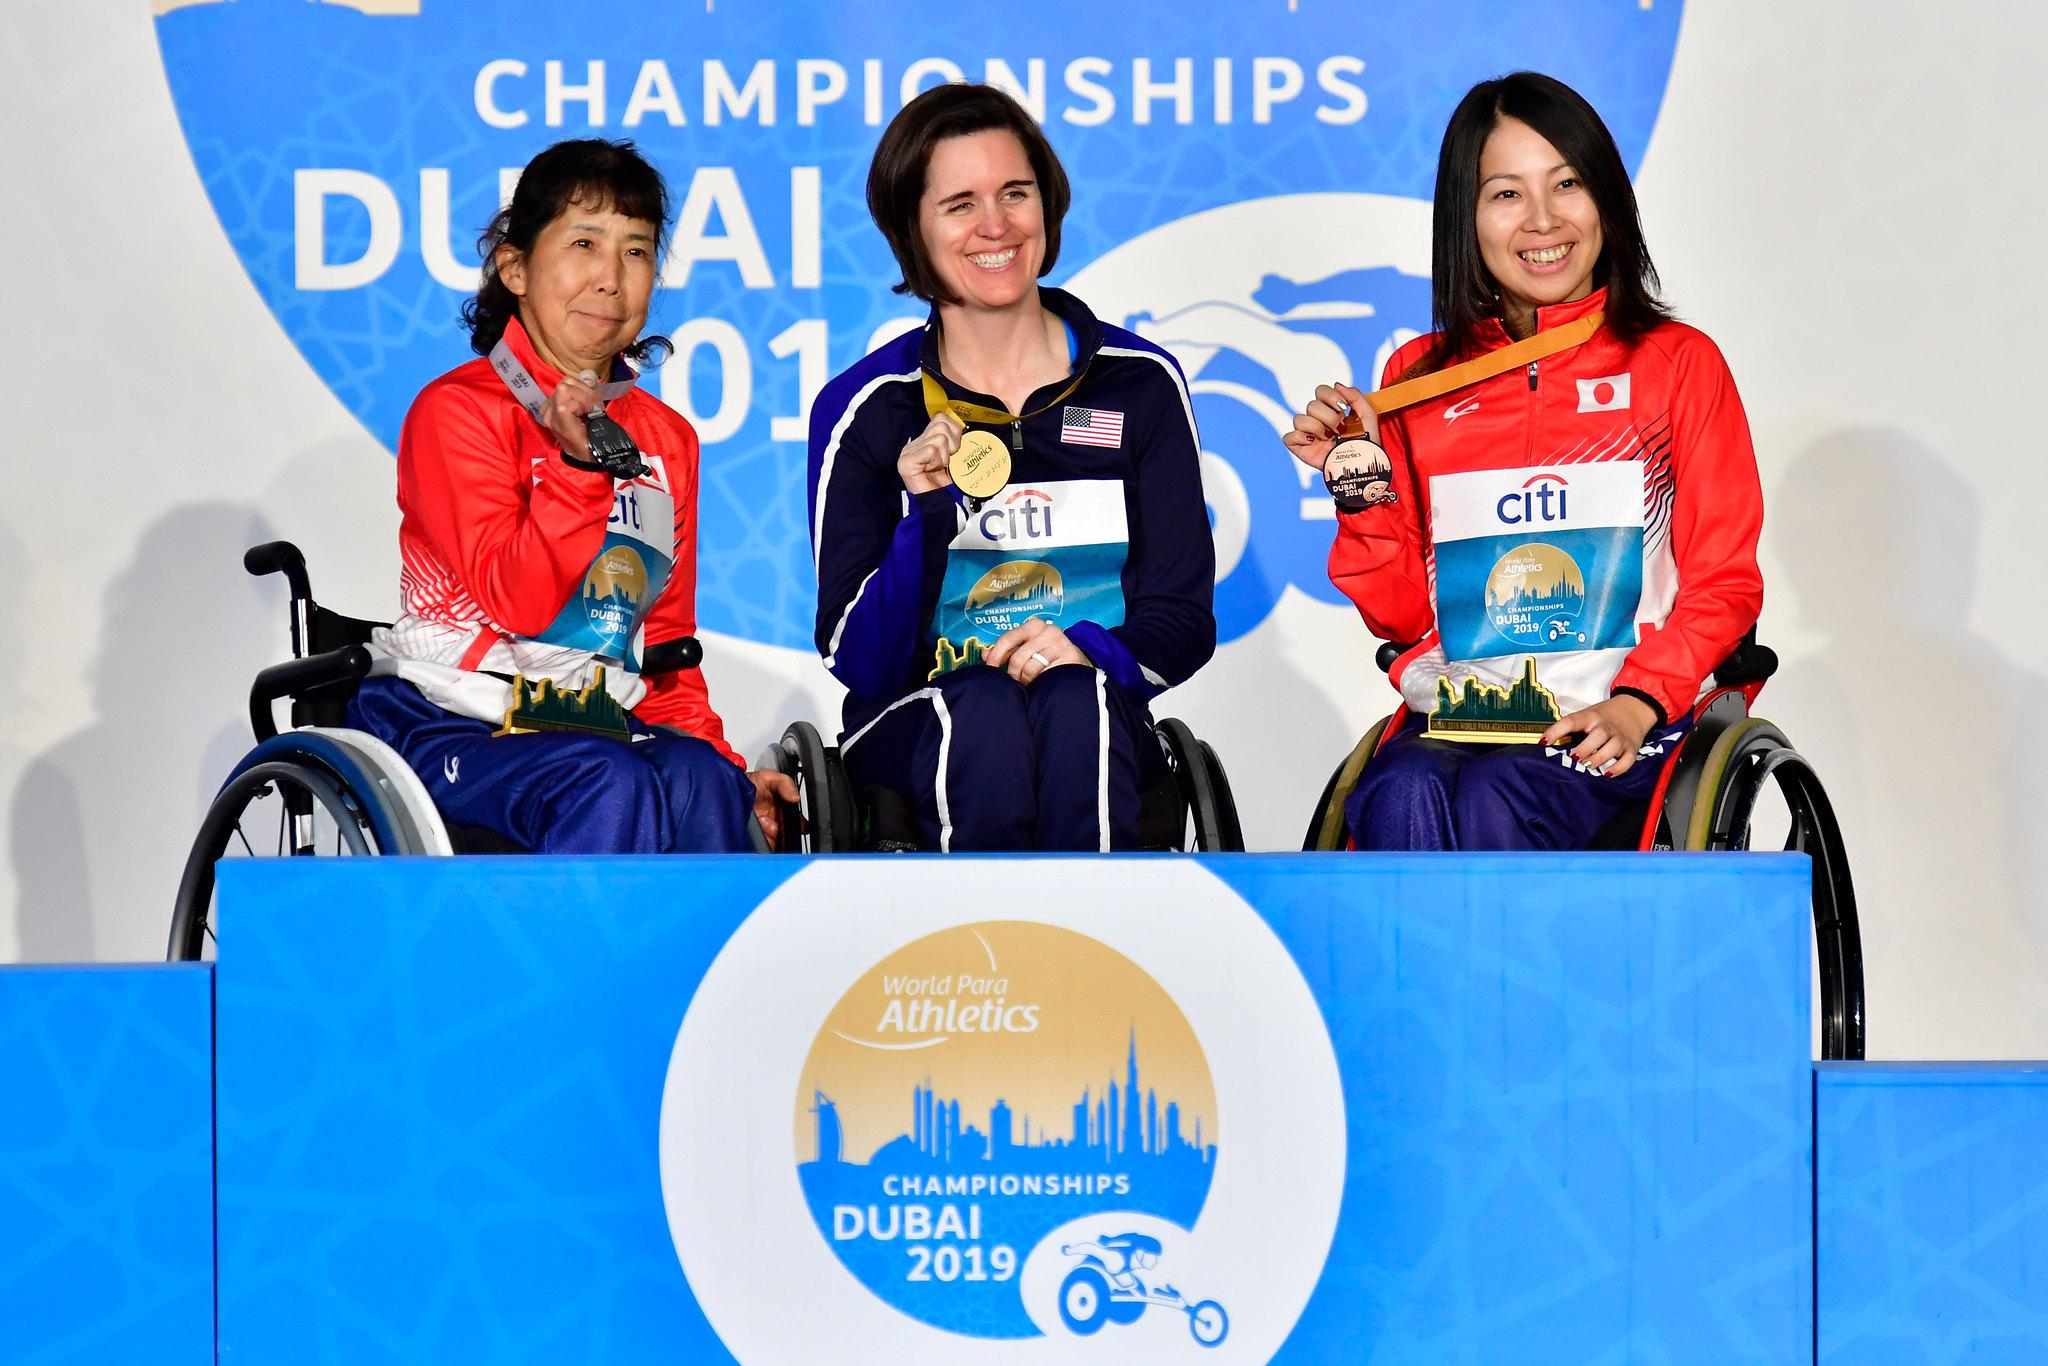 昨年ドバイで開催された世界選手権で女子100mT52の表彰式。IPC Athletic Official Photo